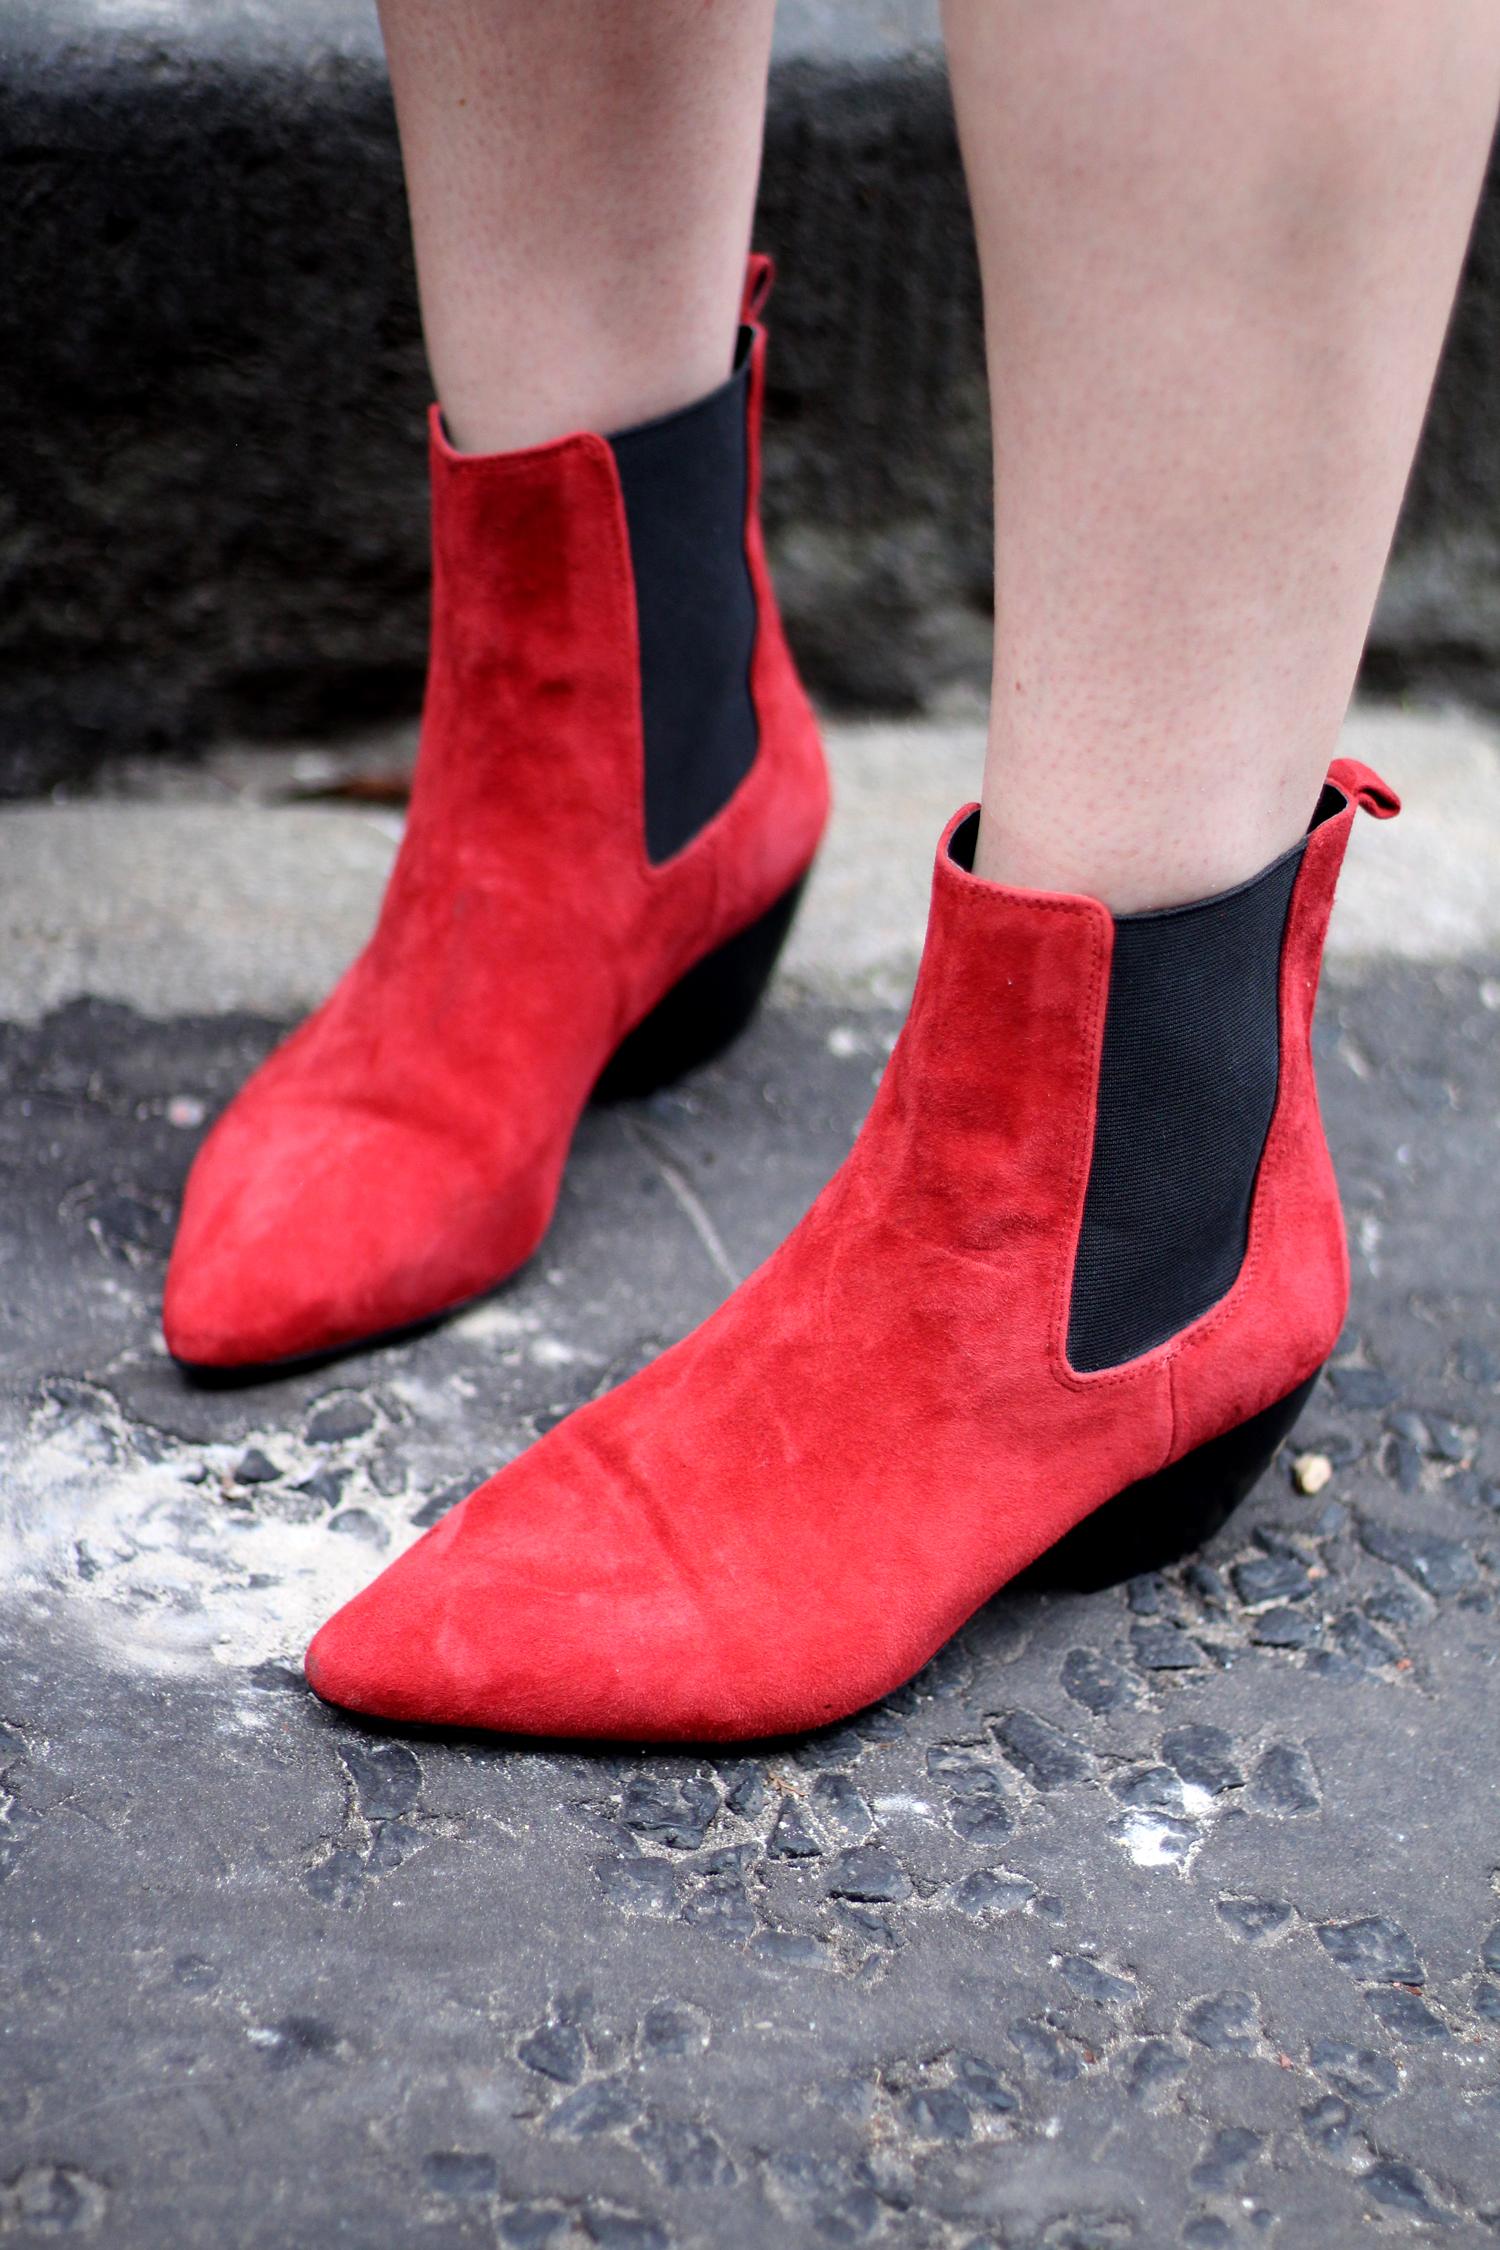 topshop-red-suede-chelsea-boots-grey-jumper-zara-white-blazer-19